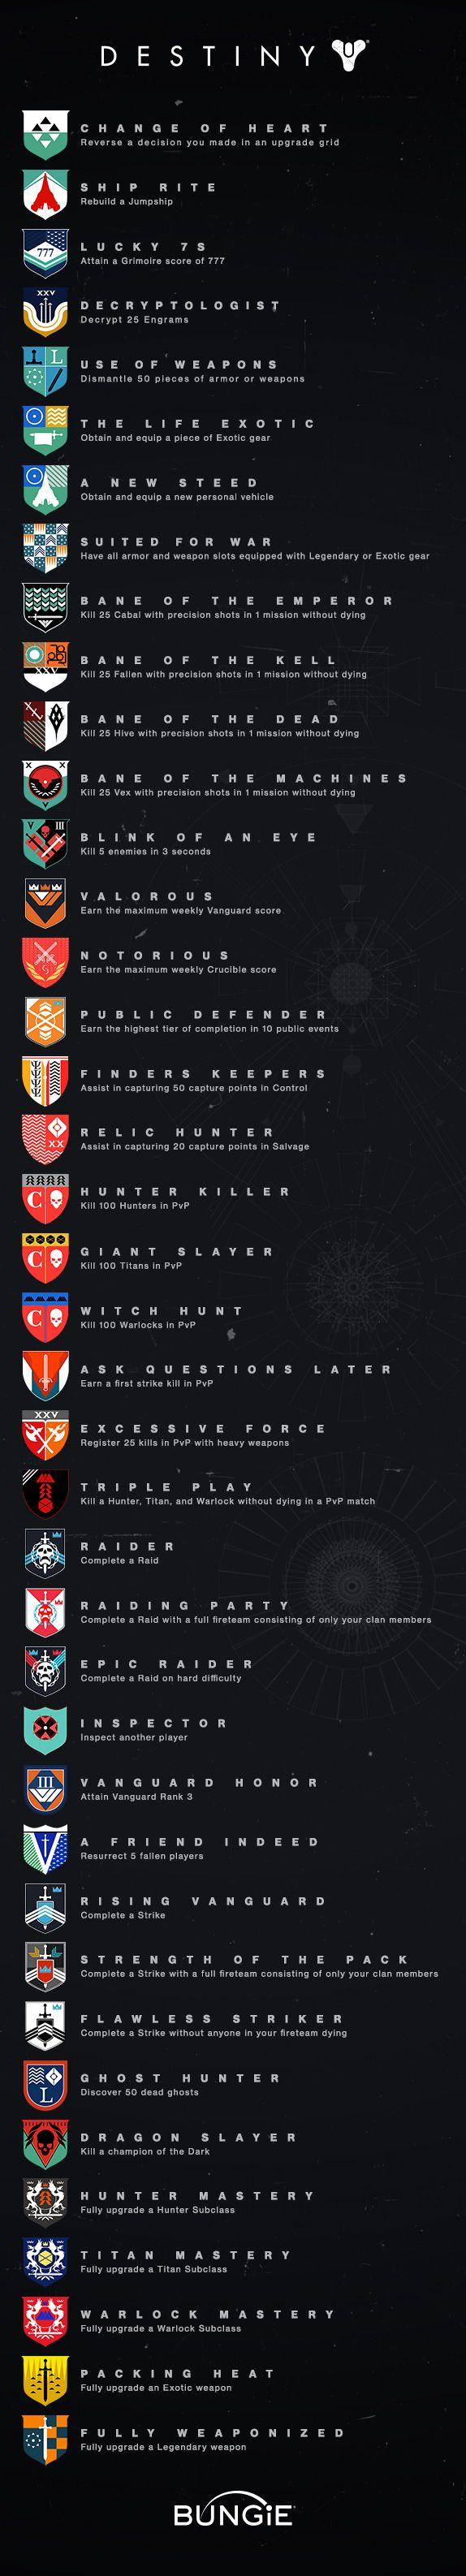 Destiny Achievements